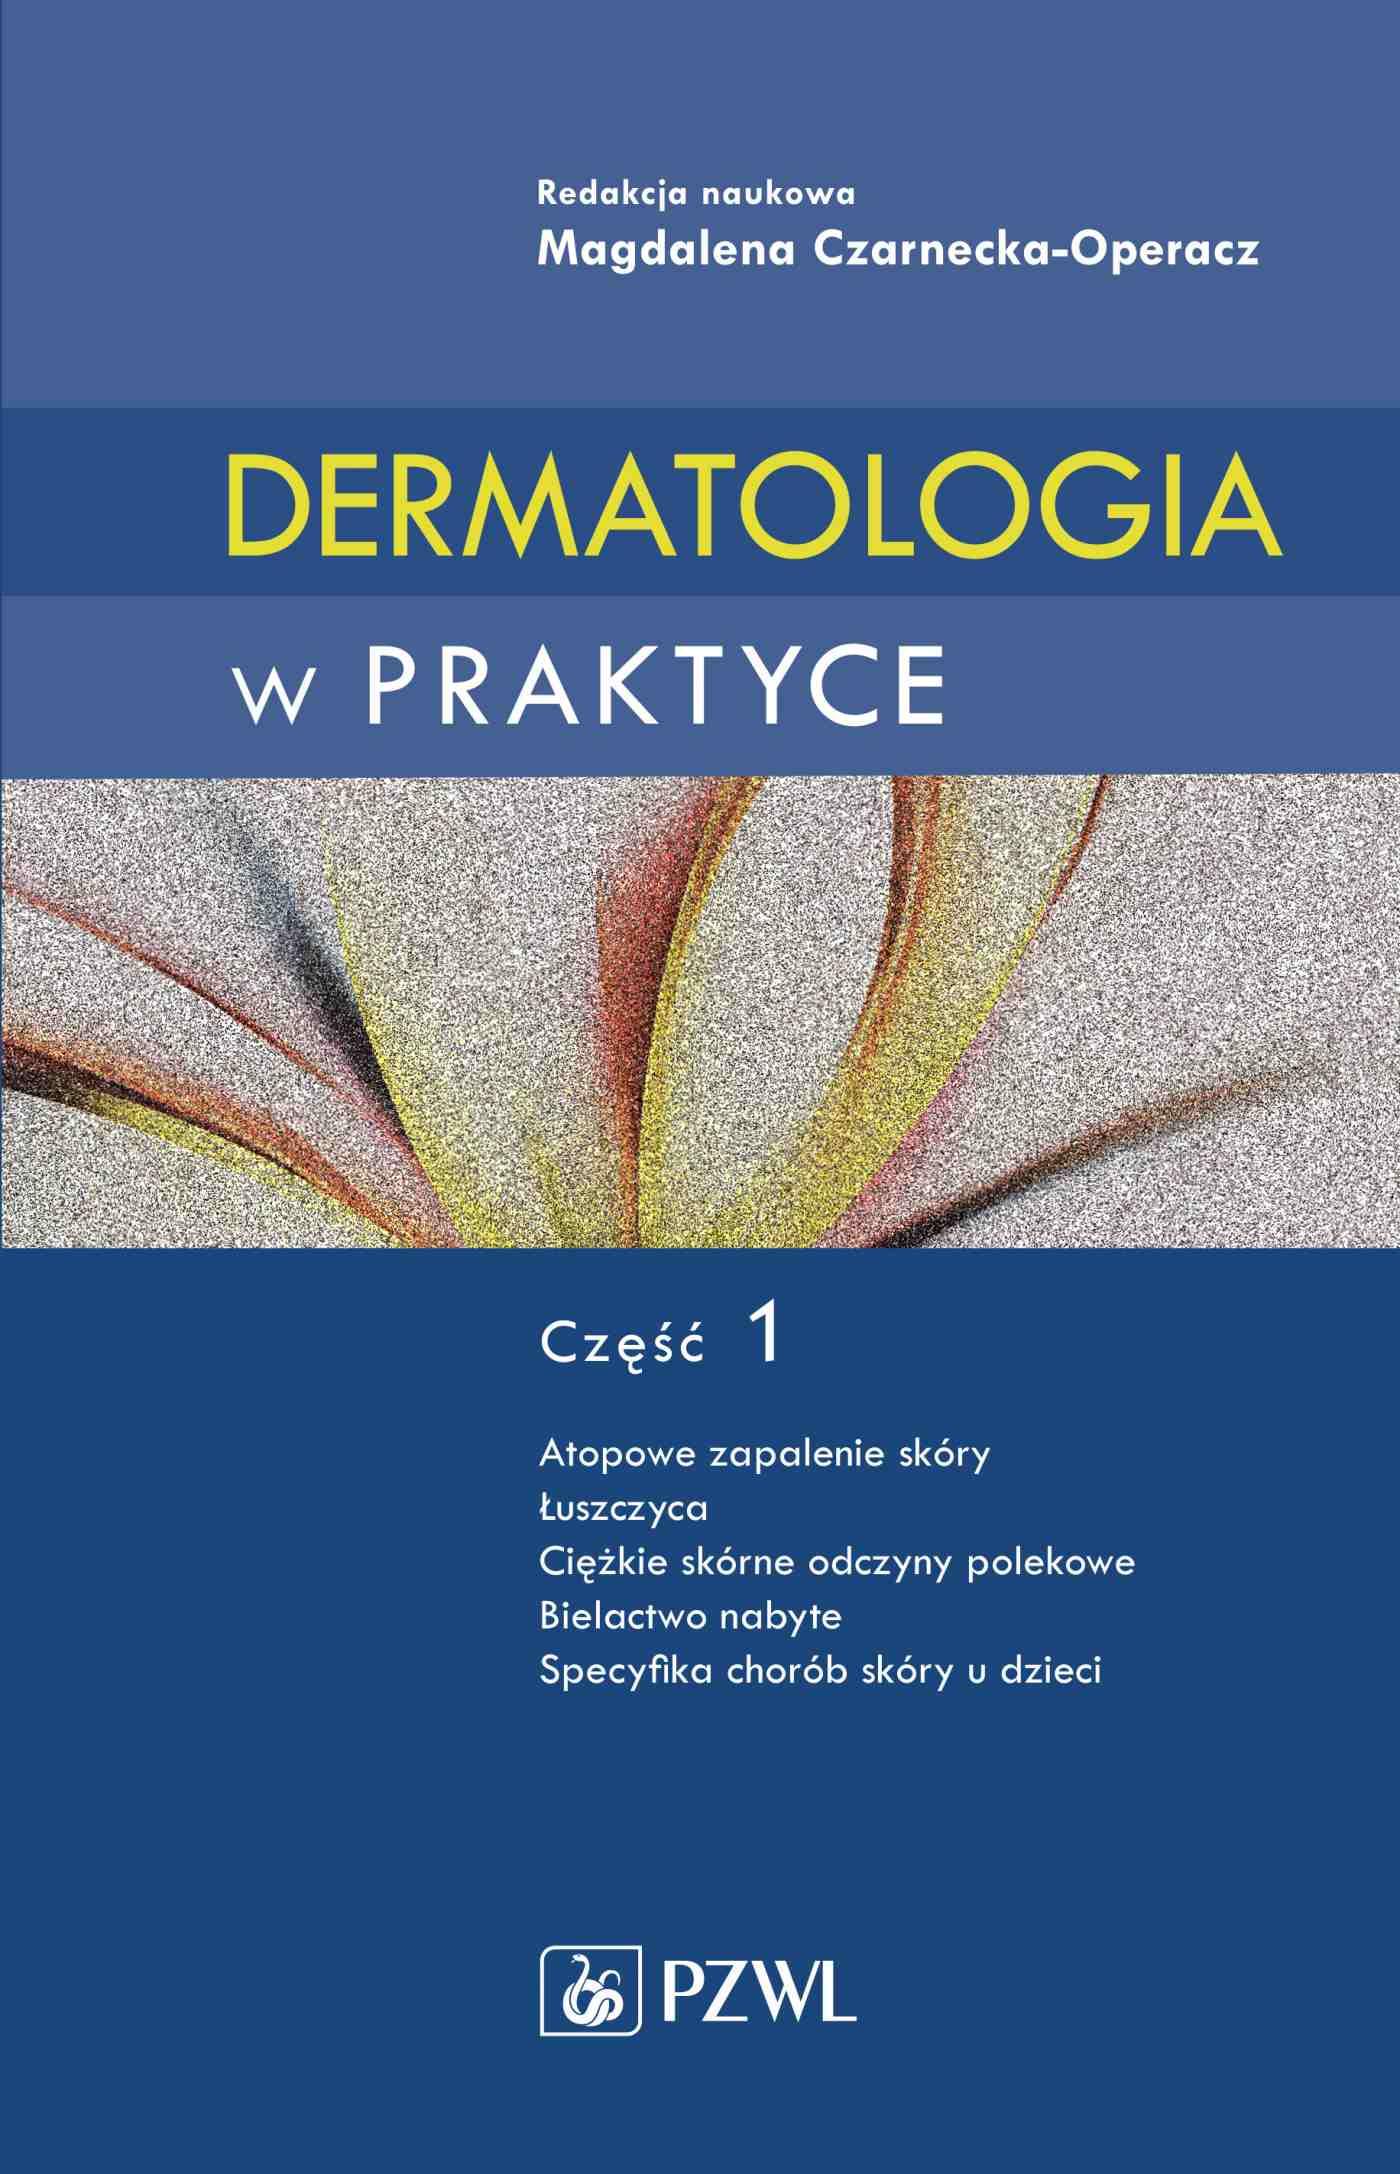 Dermatologia w praktyce. Część I - Ebook (Książka EPUB) do pobrania w formacie EPUB